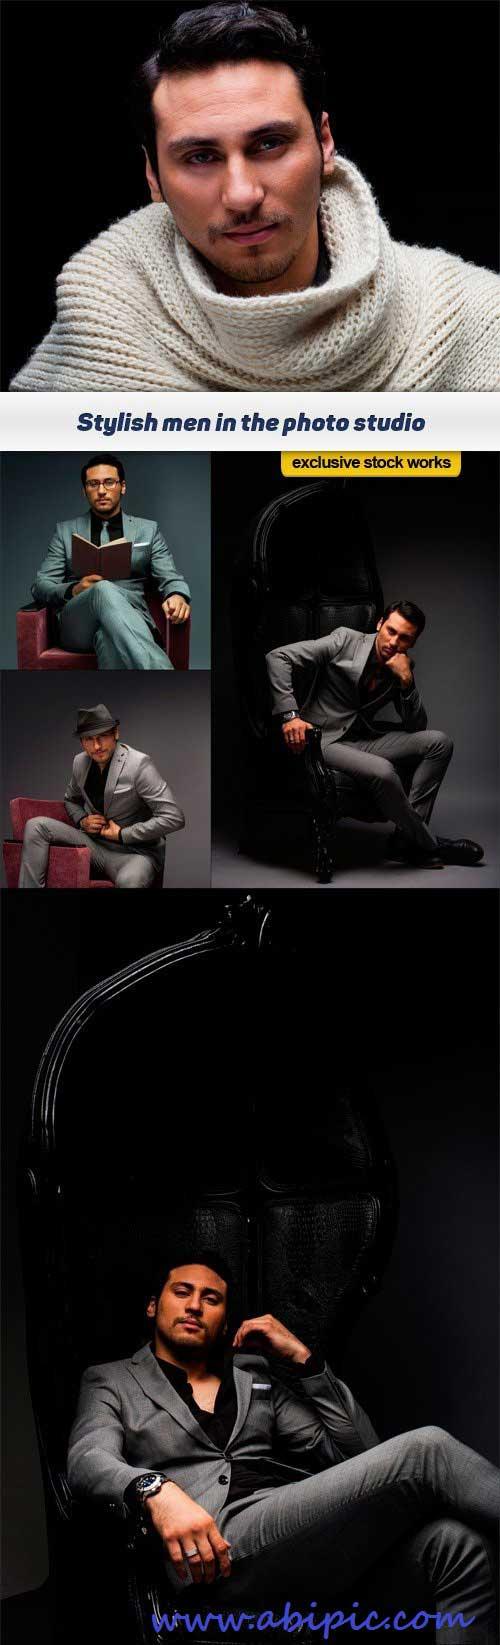 دانلود تصاویر استوک مرد شماره 4 Stylish men in the photo studio